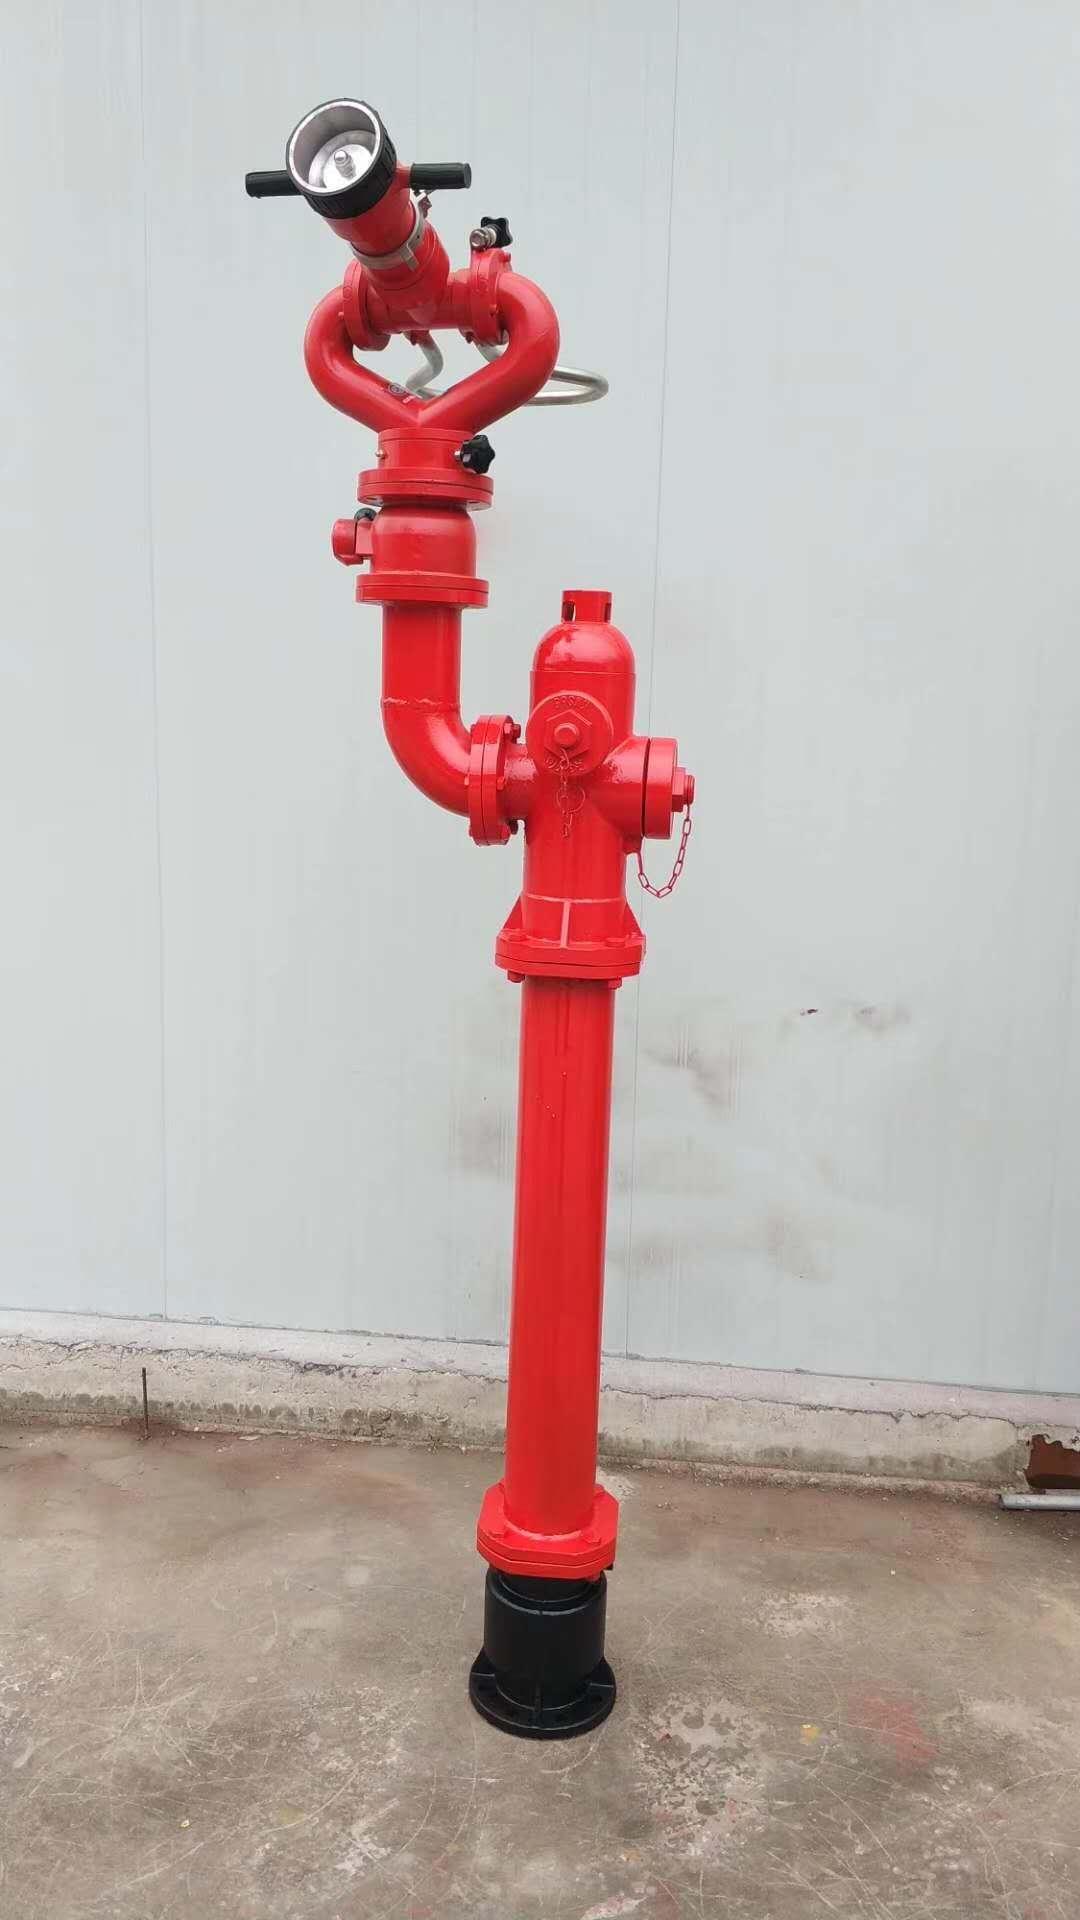 销售A型栓炮一体式消防水炮防撞调压消火栓防冻型消防水炮配套产品供应